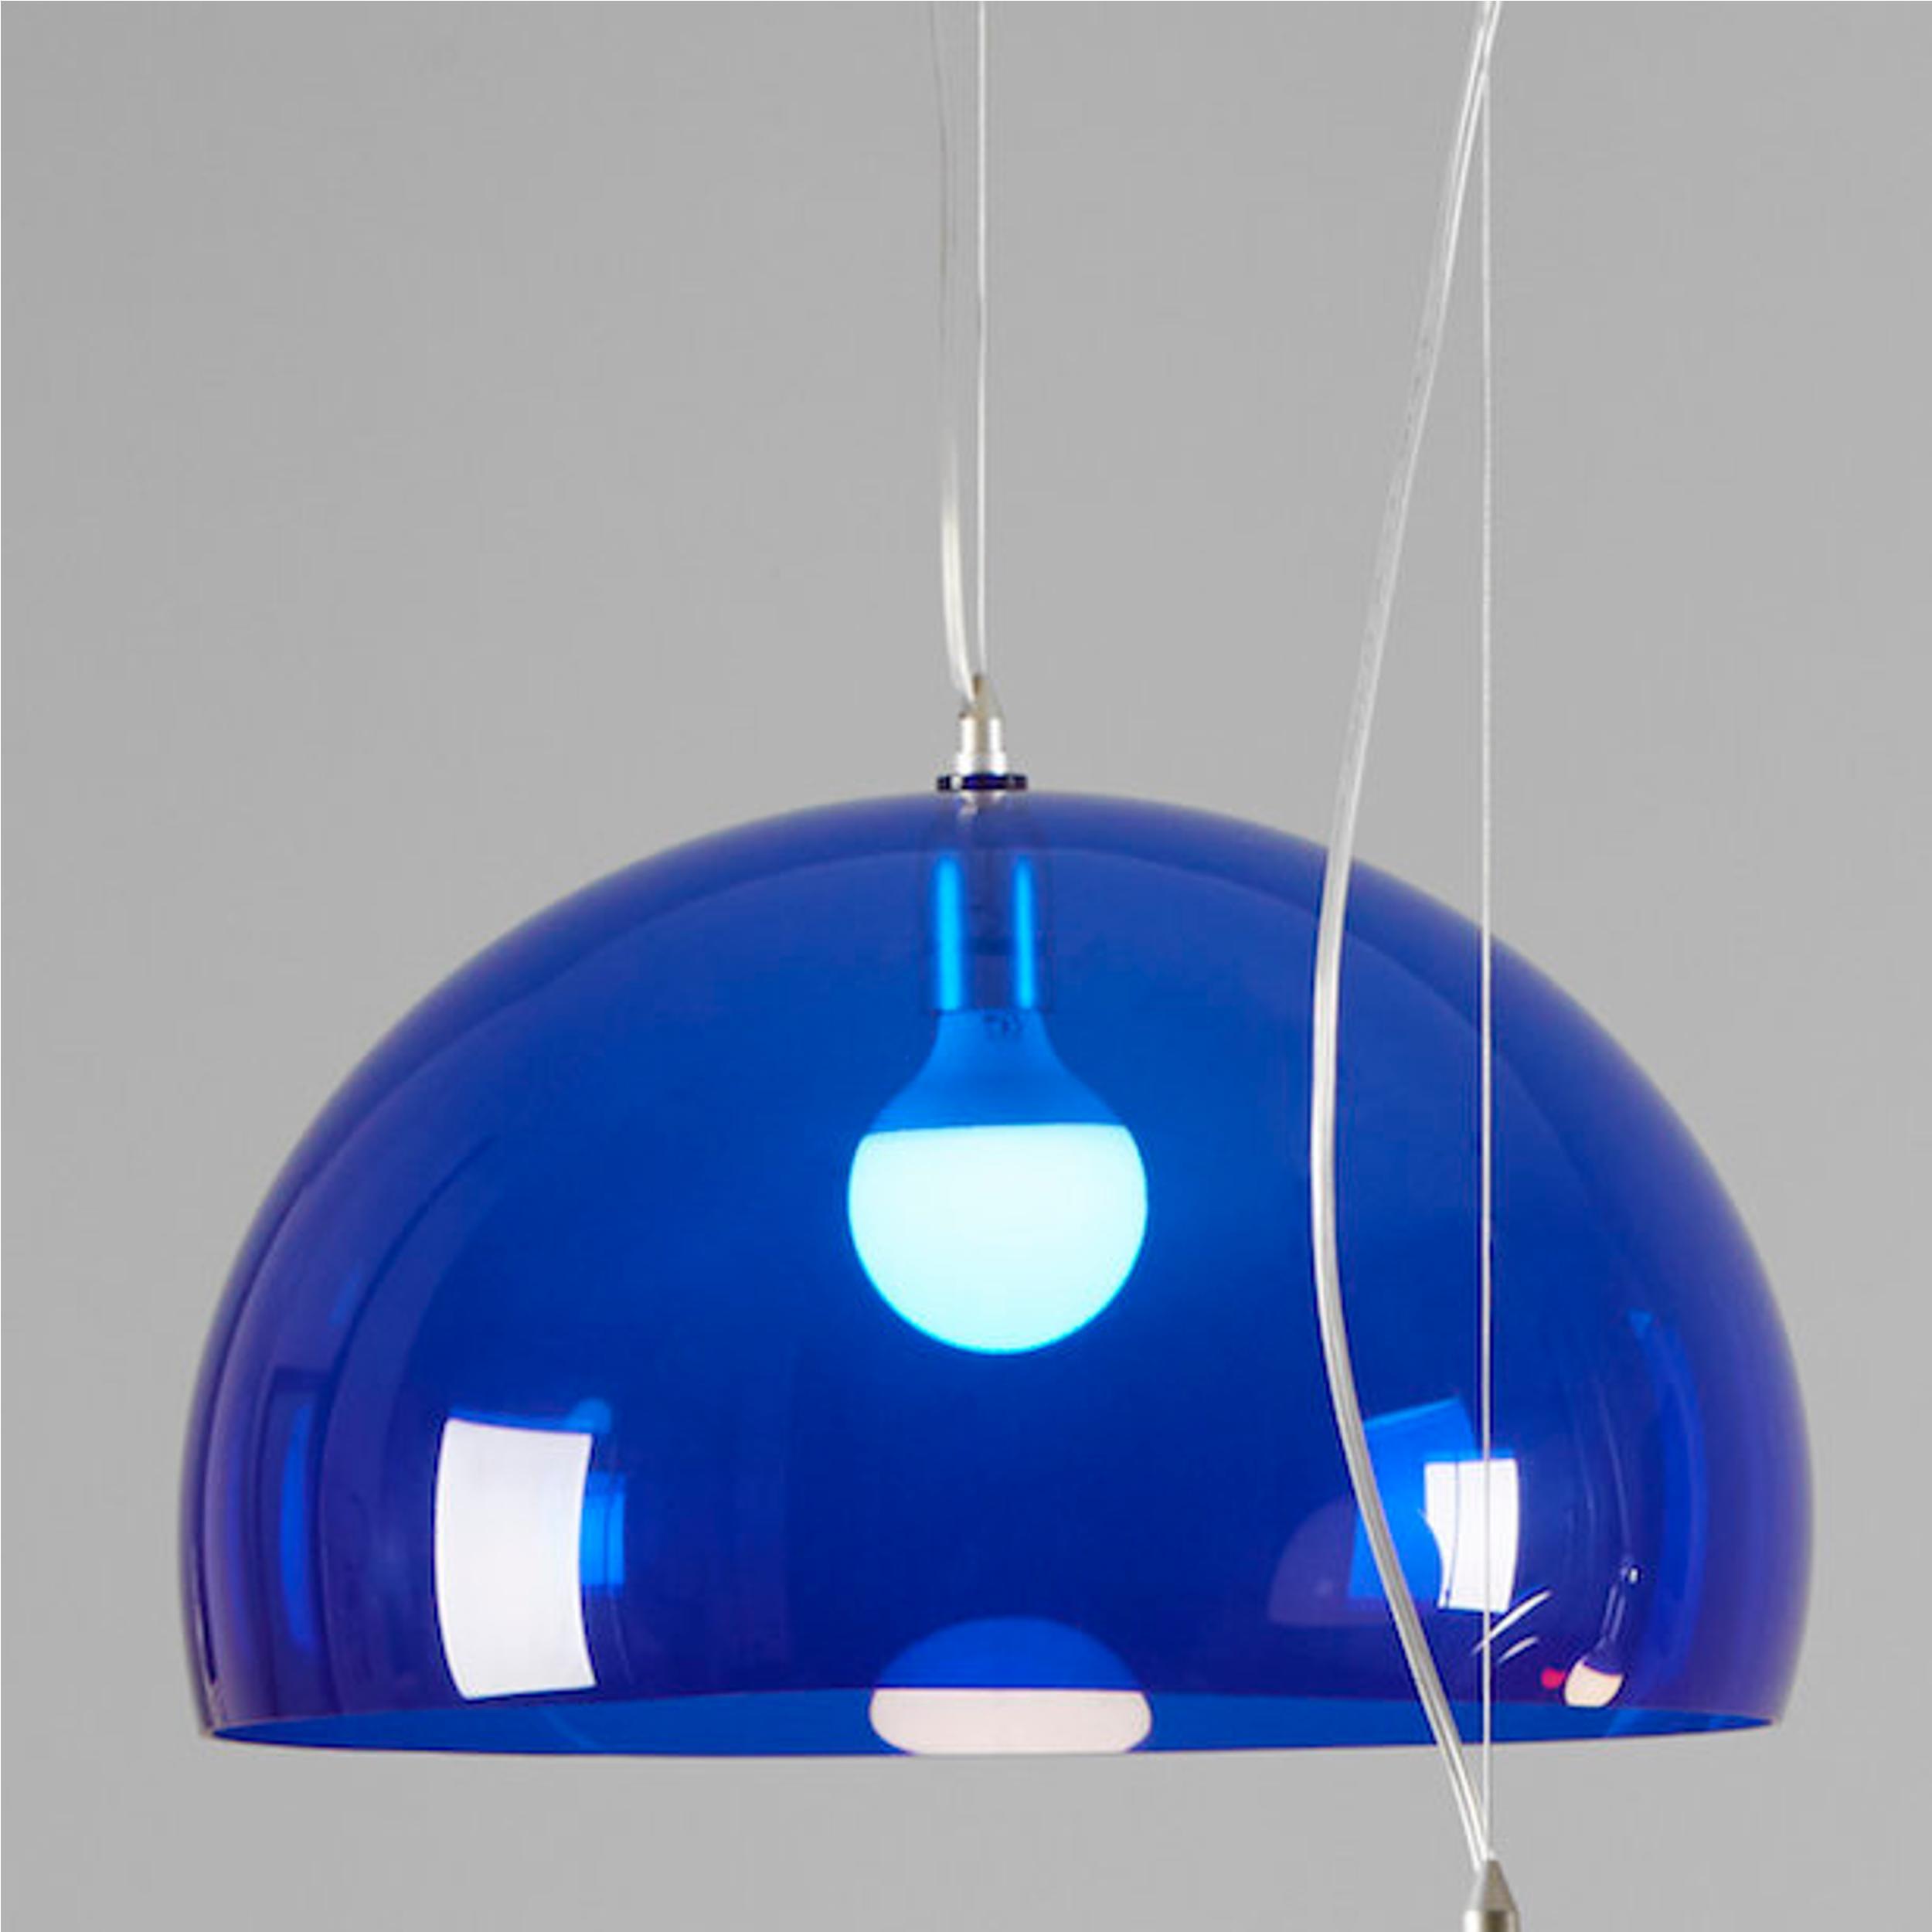 Lampada a Sospensione semisferica in Plastica PMMA SEMISFERA Ø50XH19 cm 2,7 kg Cavo di fissaggio acciaio